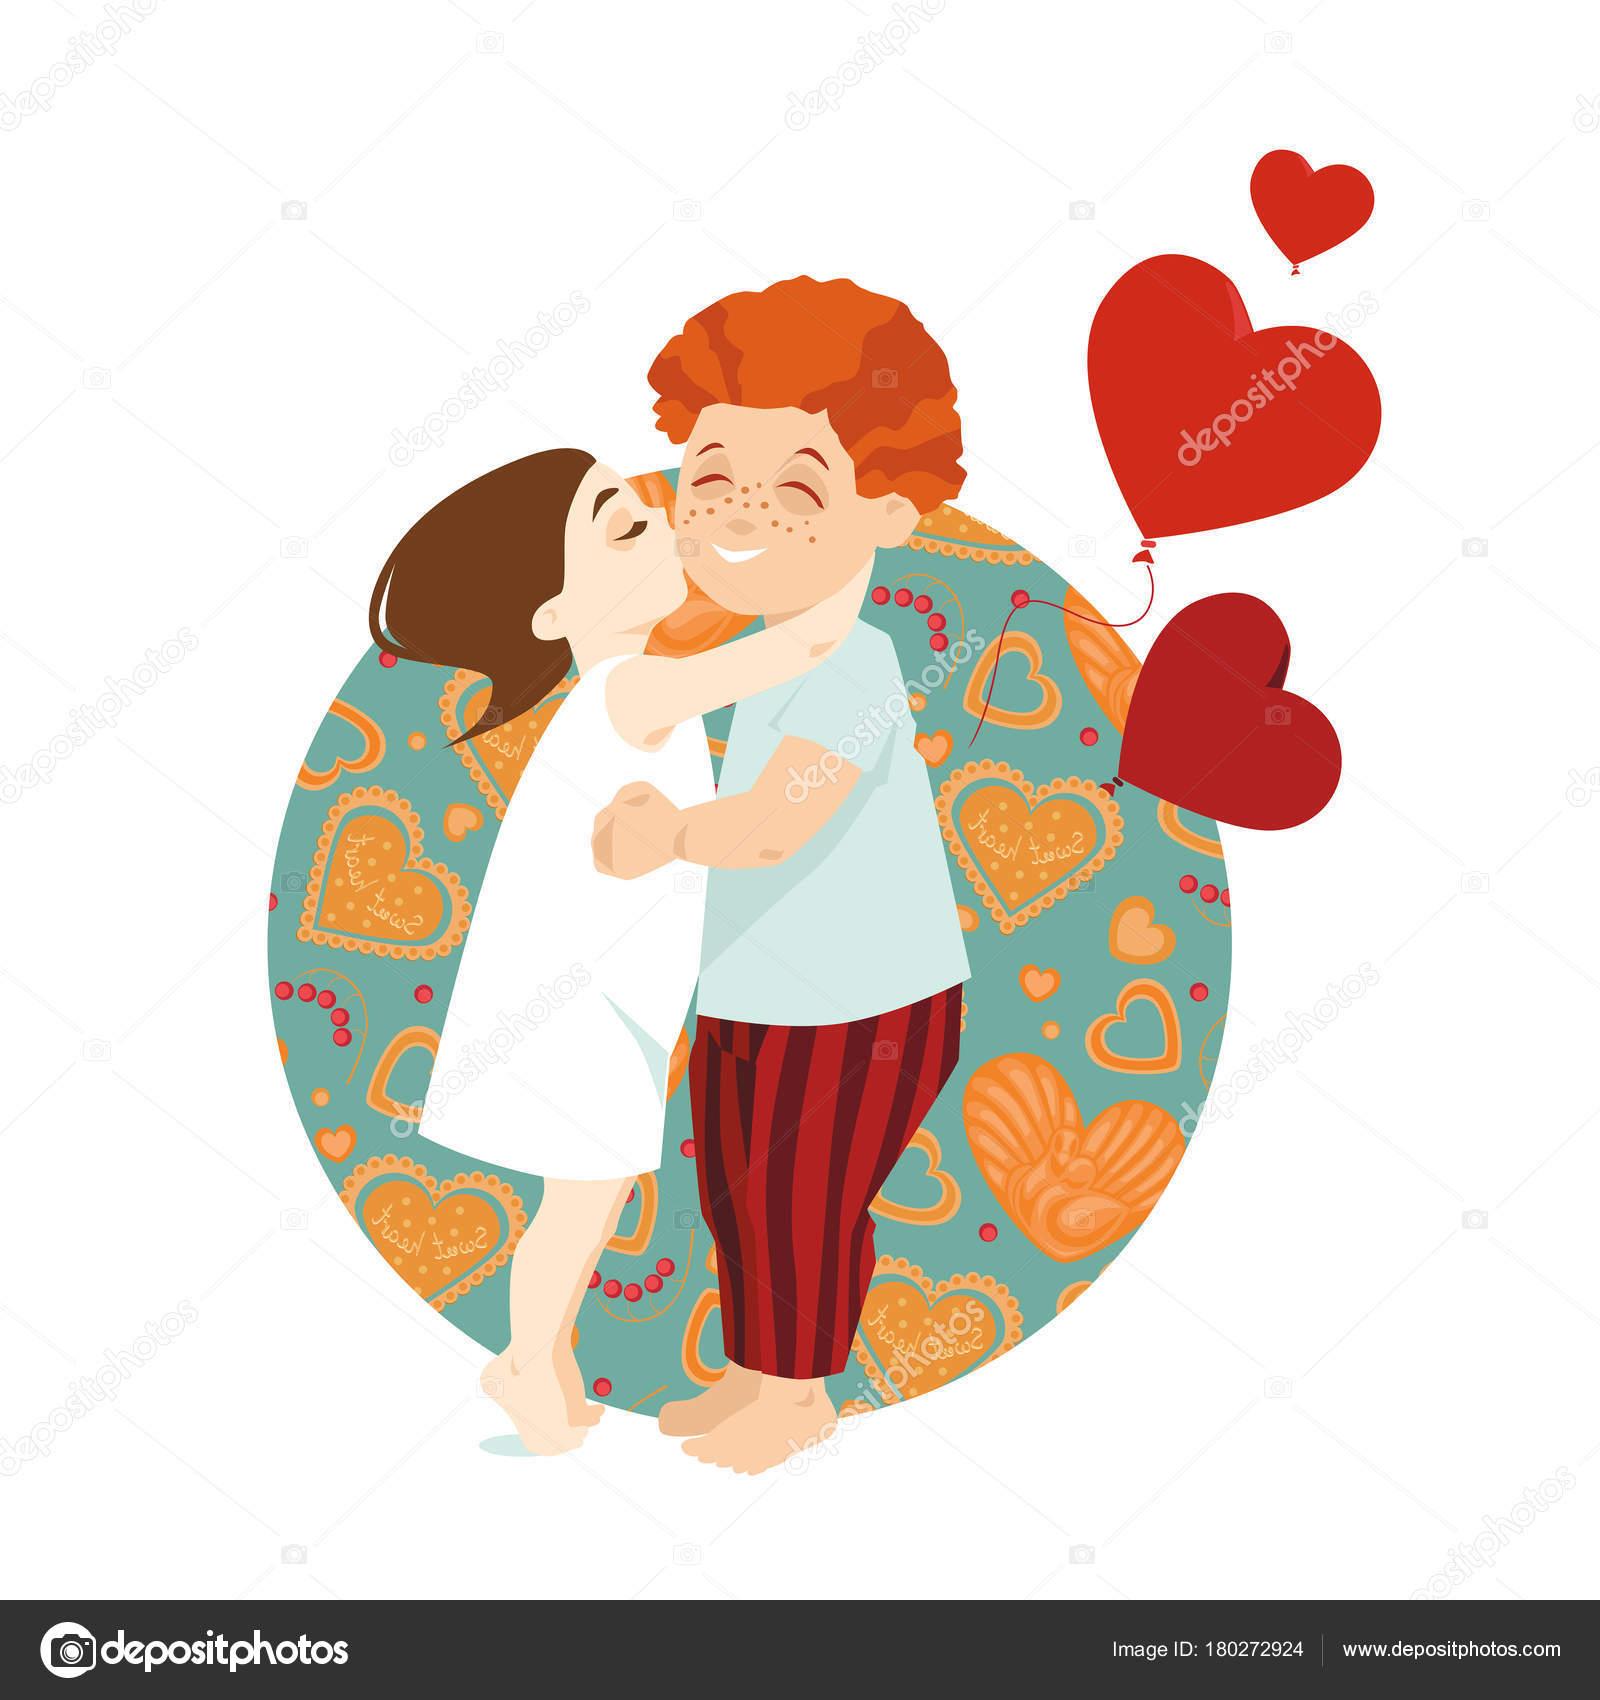 Imagenes De Dos Jovenes Enamorados Animados